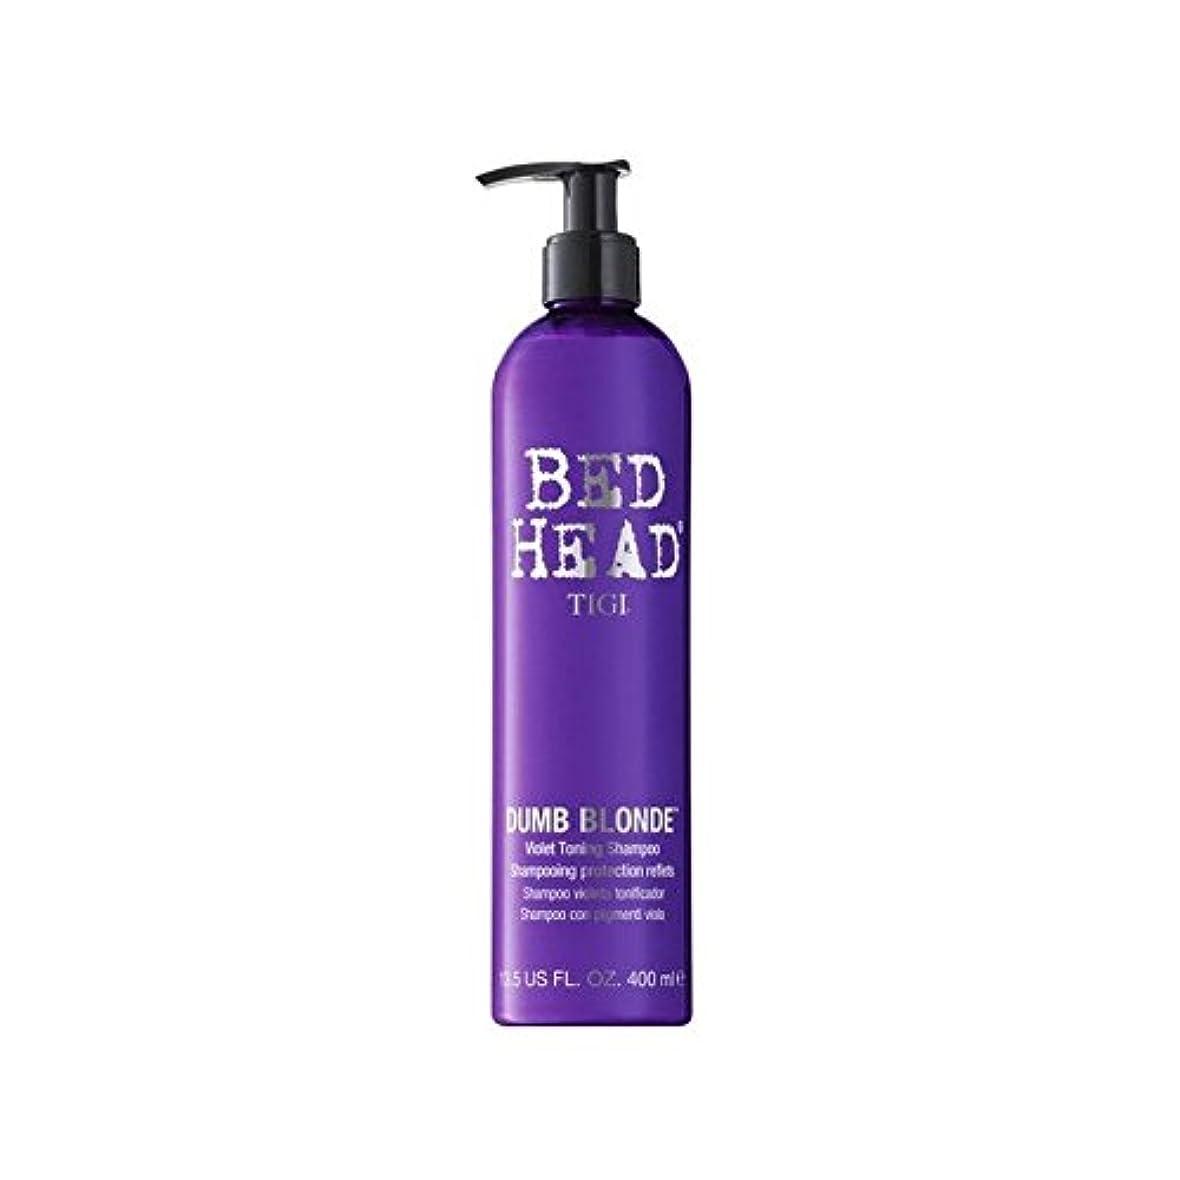 専門コンベンション符号Tigi Bed Head Dumb Blonde Violet Toning Shampoo (400ml) - ティジーベッドヘッドダムブロンド紫色調色シャンプー(400ミリリットル) [並行輸入品]